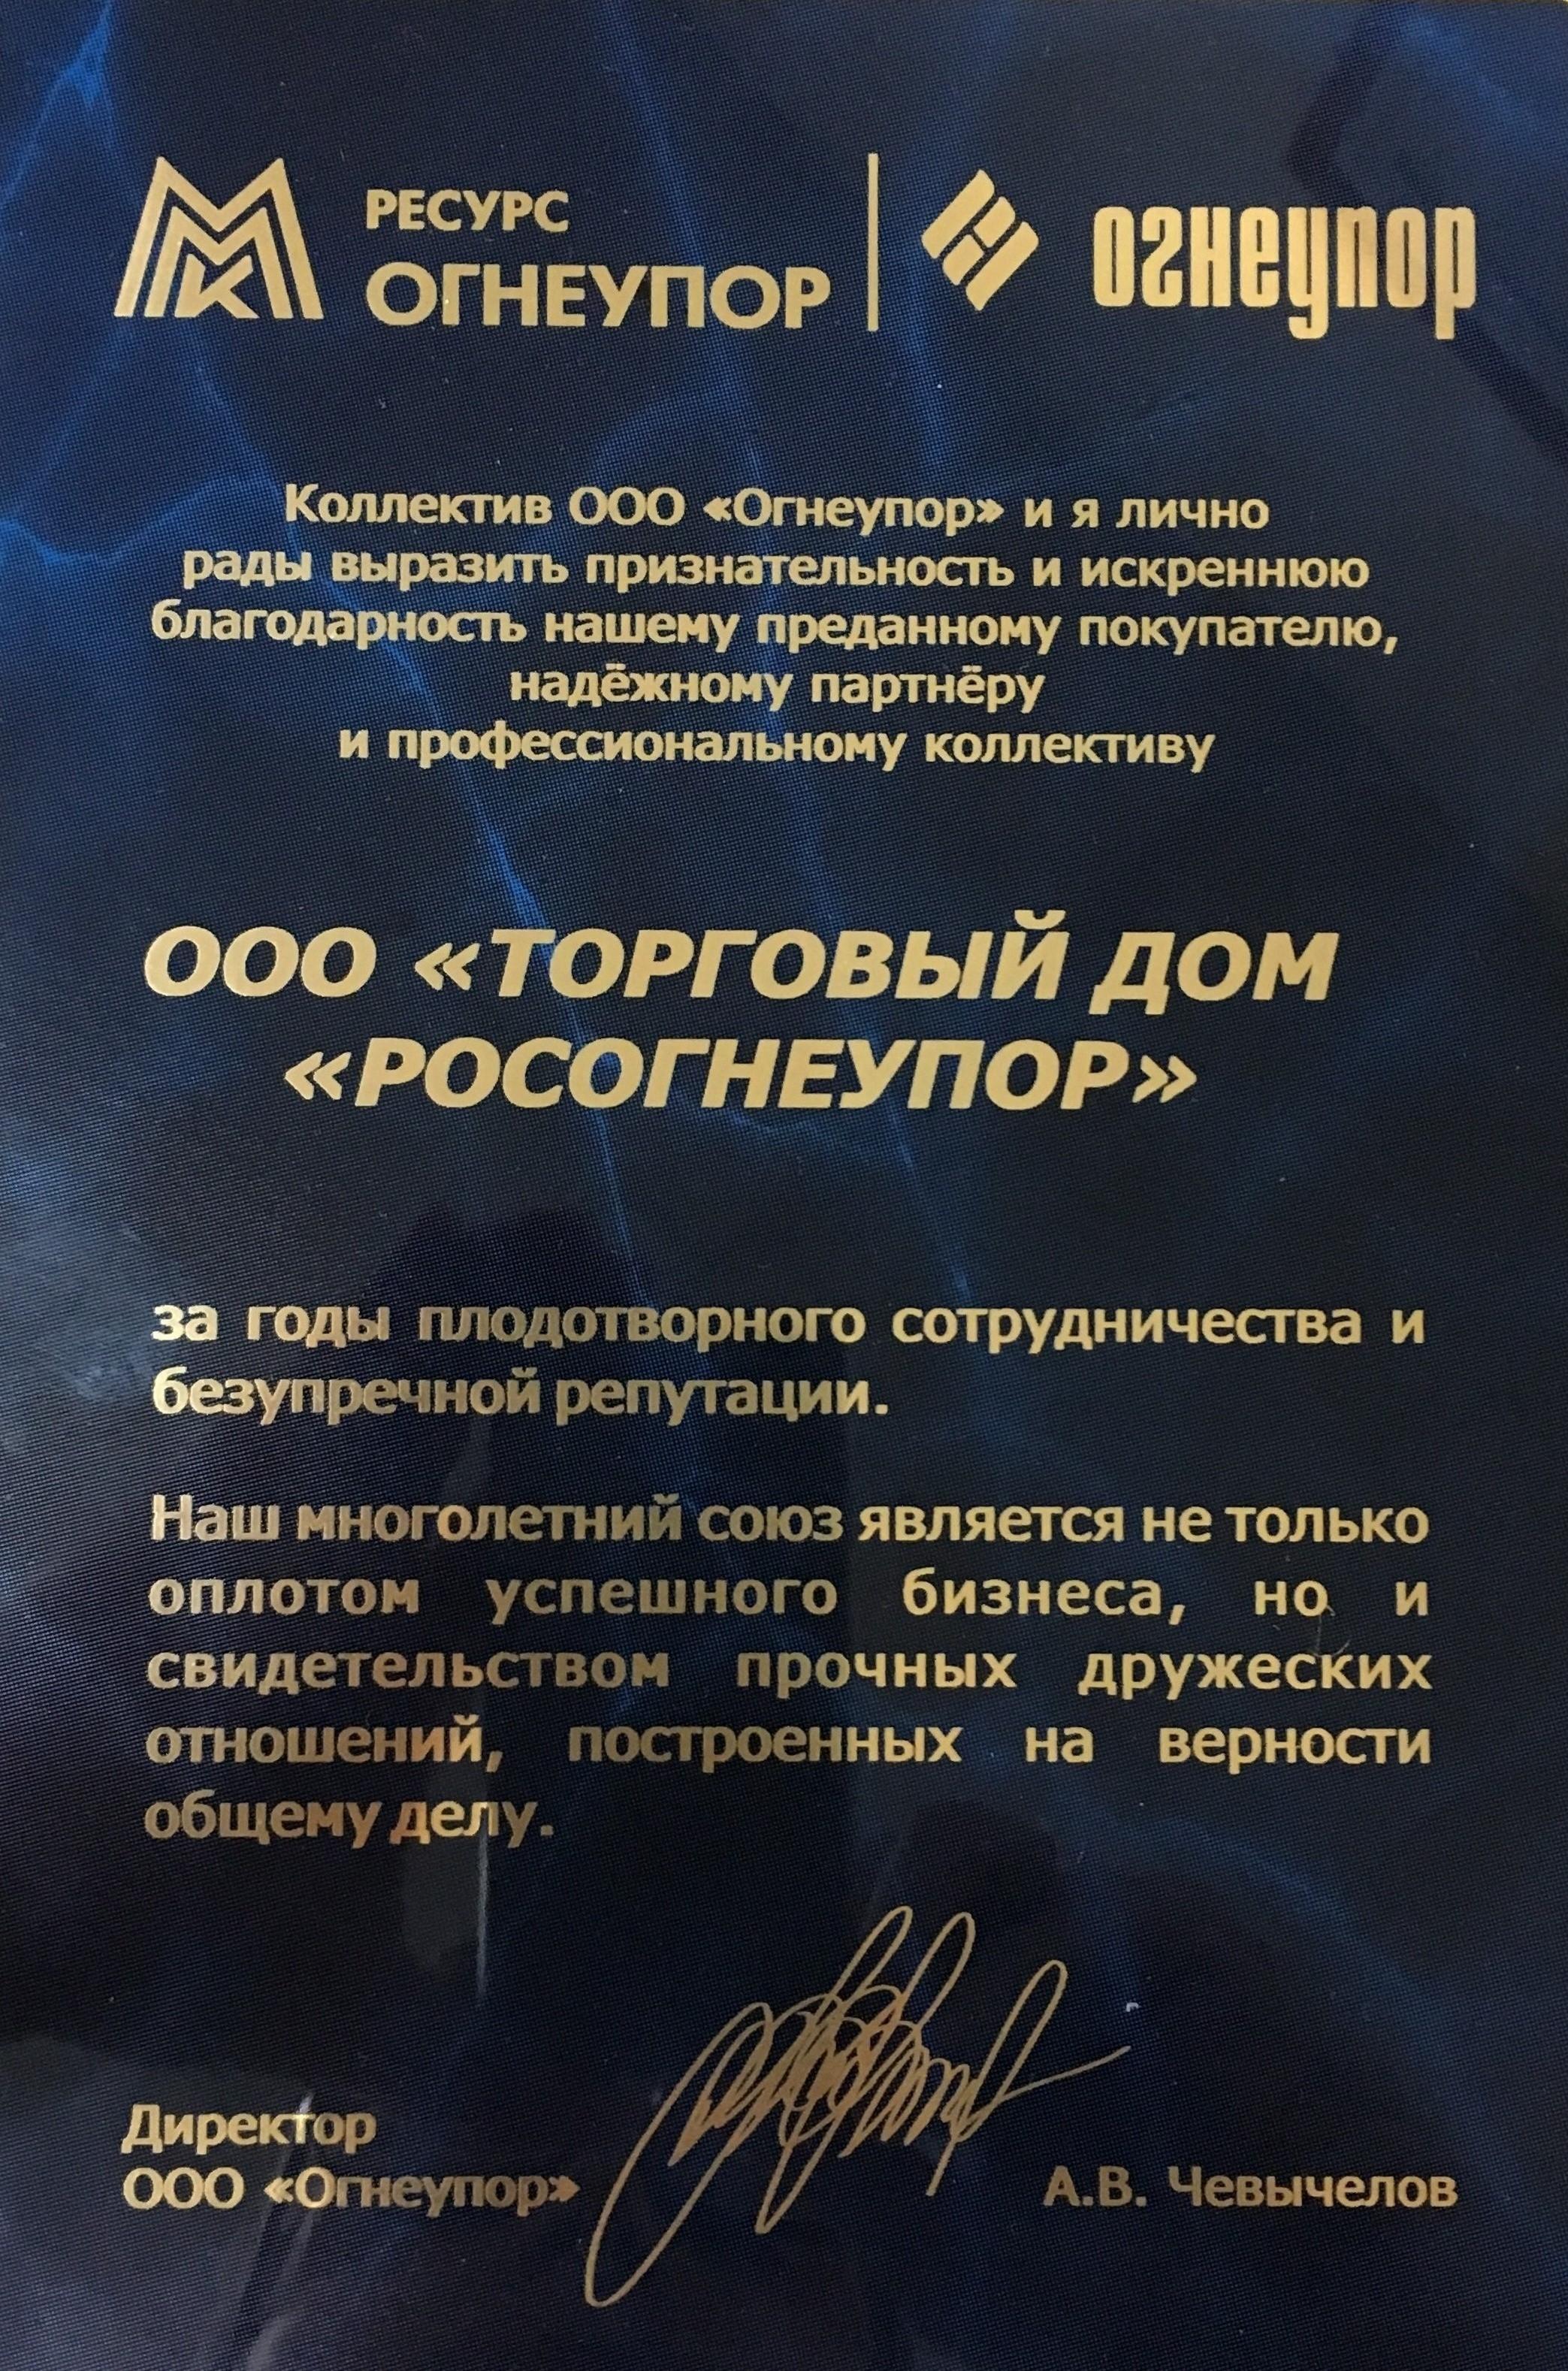 ООО «ТД «РОСОГНЕУПОР»